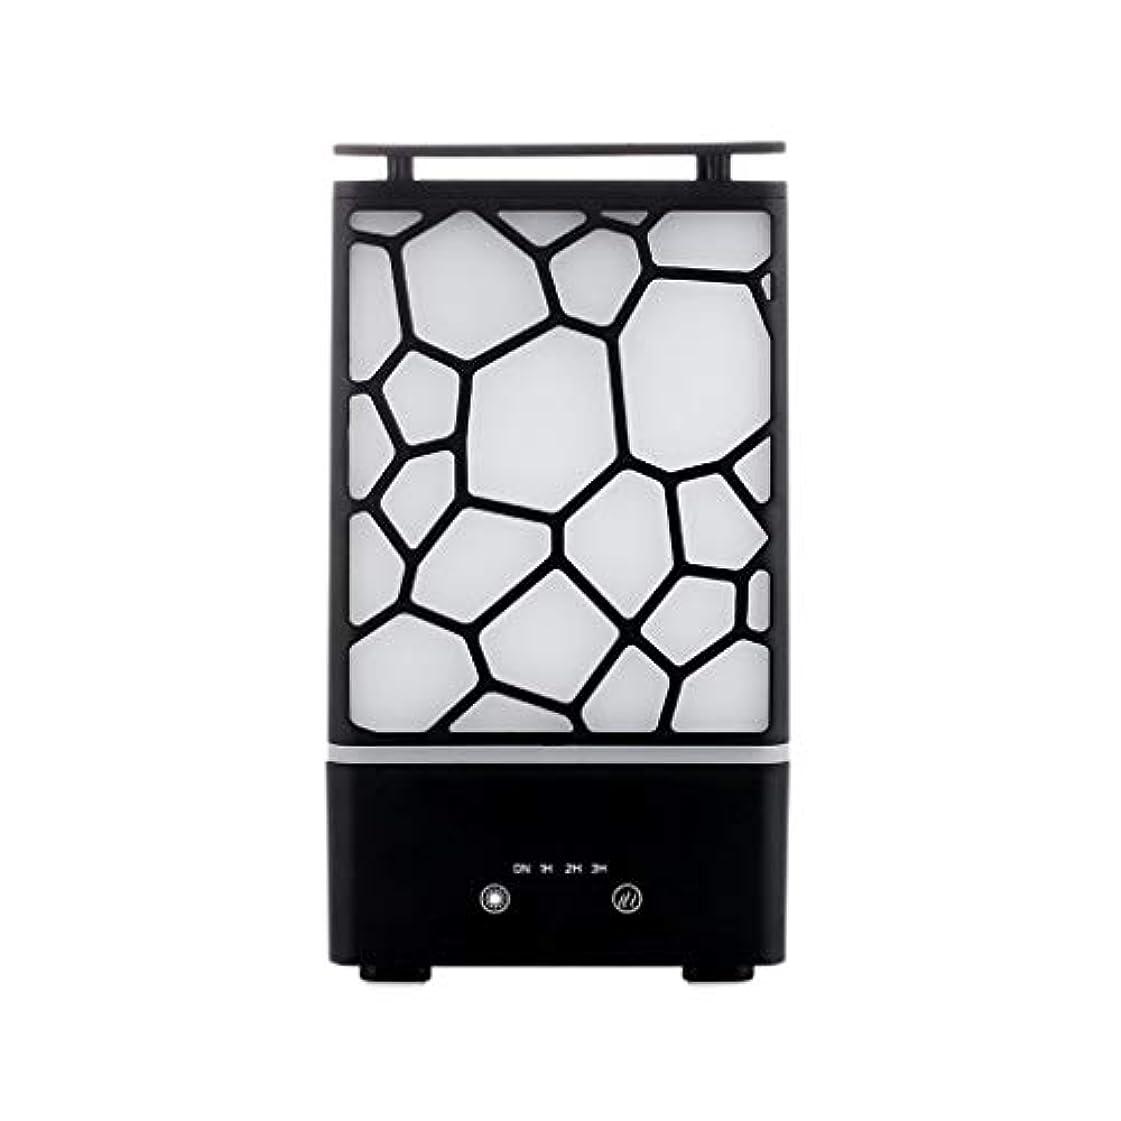 バーベキュー便利さレギュラーアロマセラピー機械、7色ライトが付いている拡散器の超音波アロマセラピー機械空気加湿器の噴霧器 (色 : 黒)